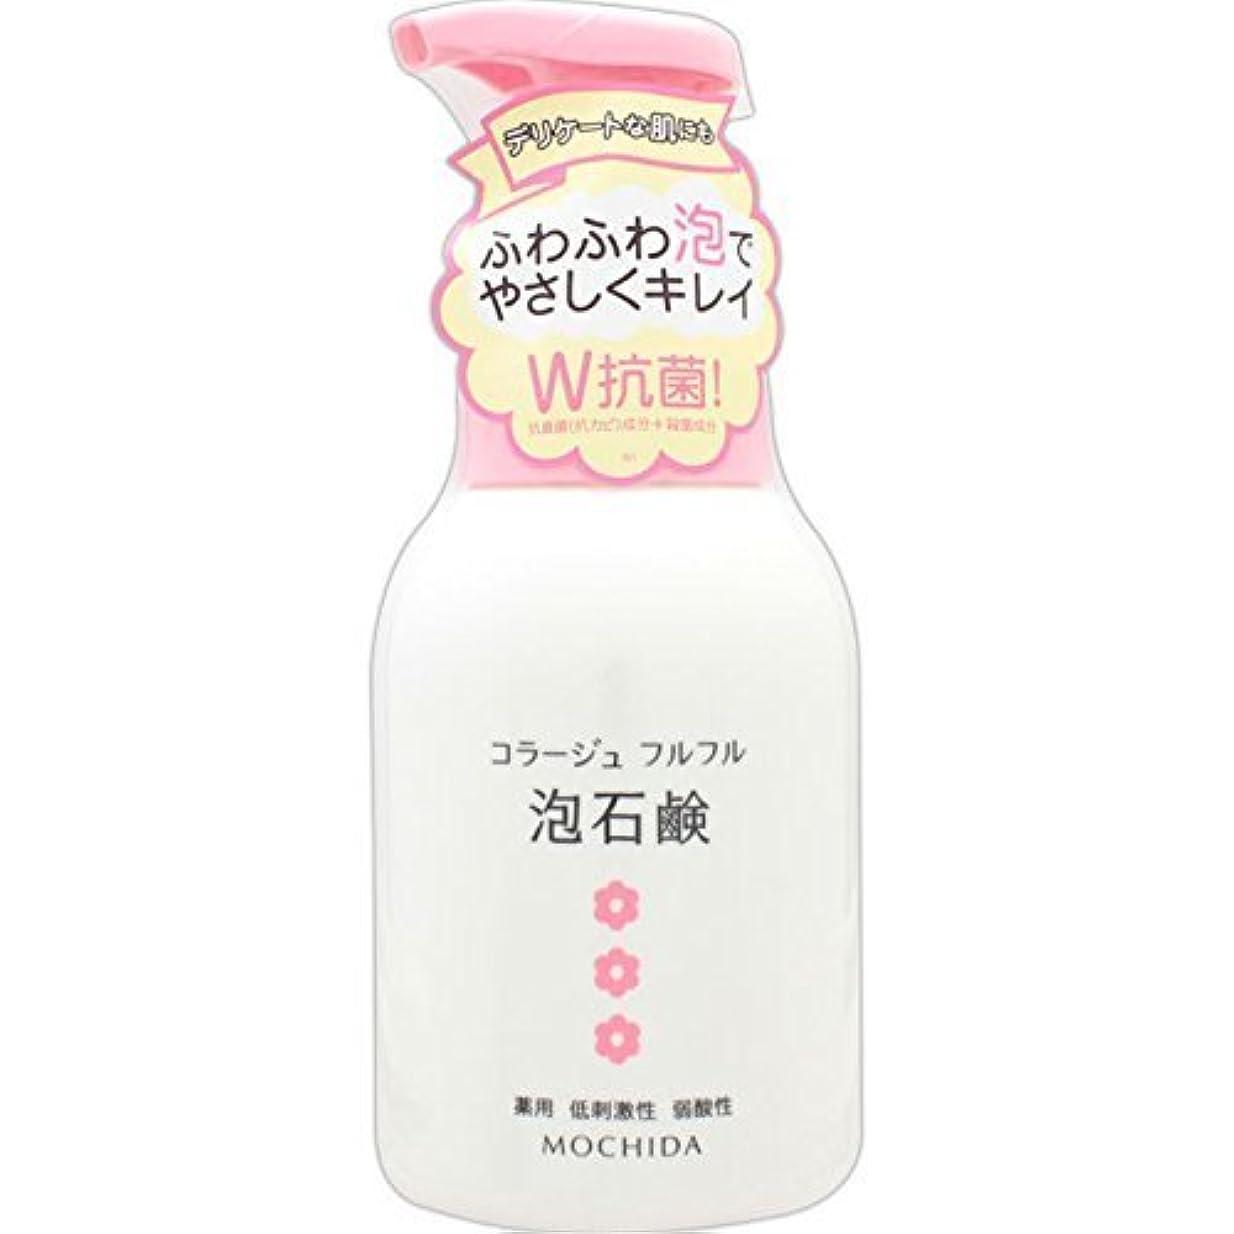 タンク頑固な頑固なコラージュフルフル 泡石鹸 ピンク 300m L (医薬部外品) ×10